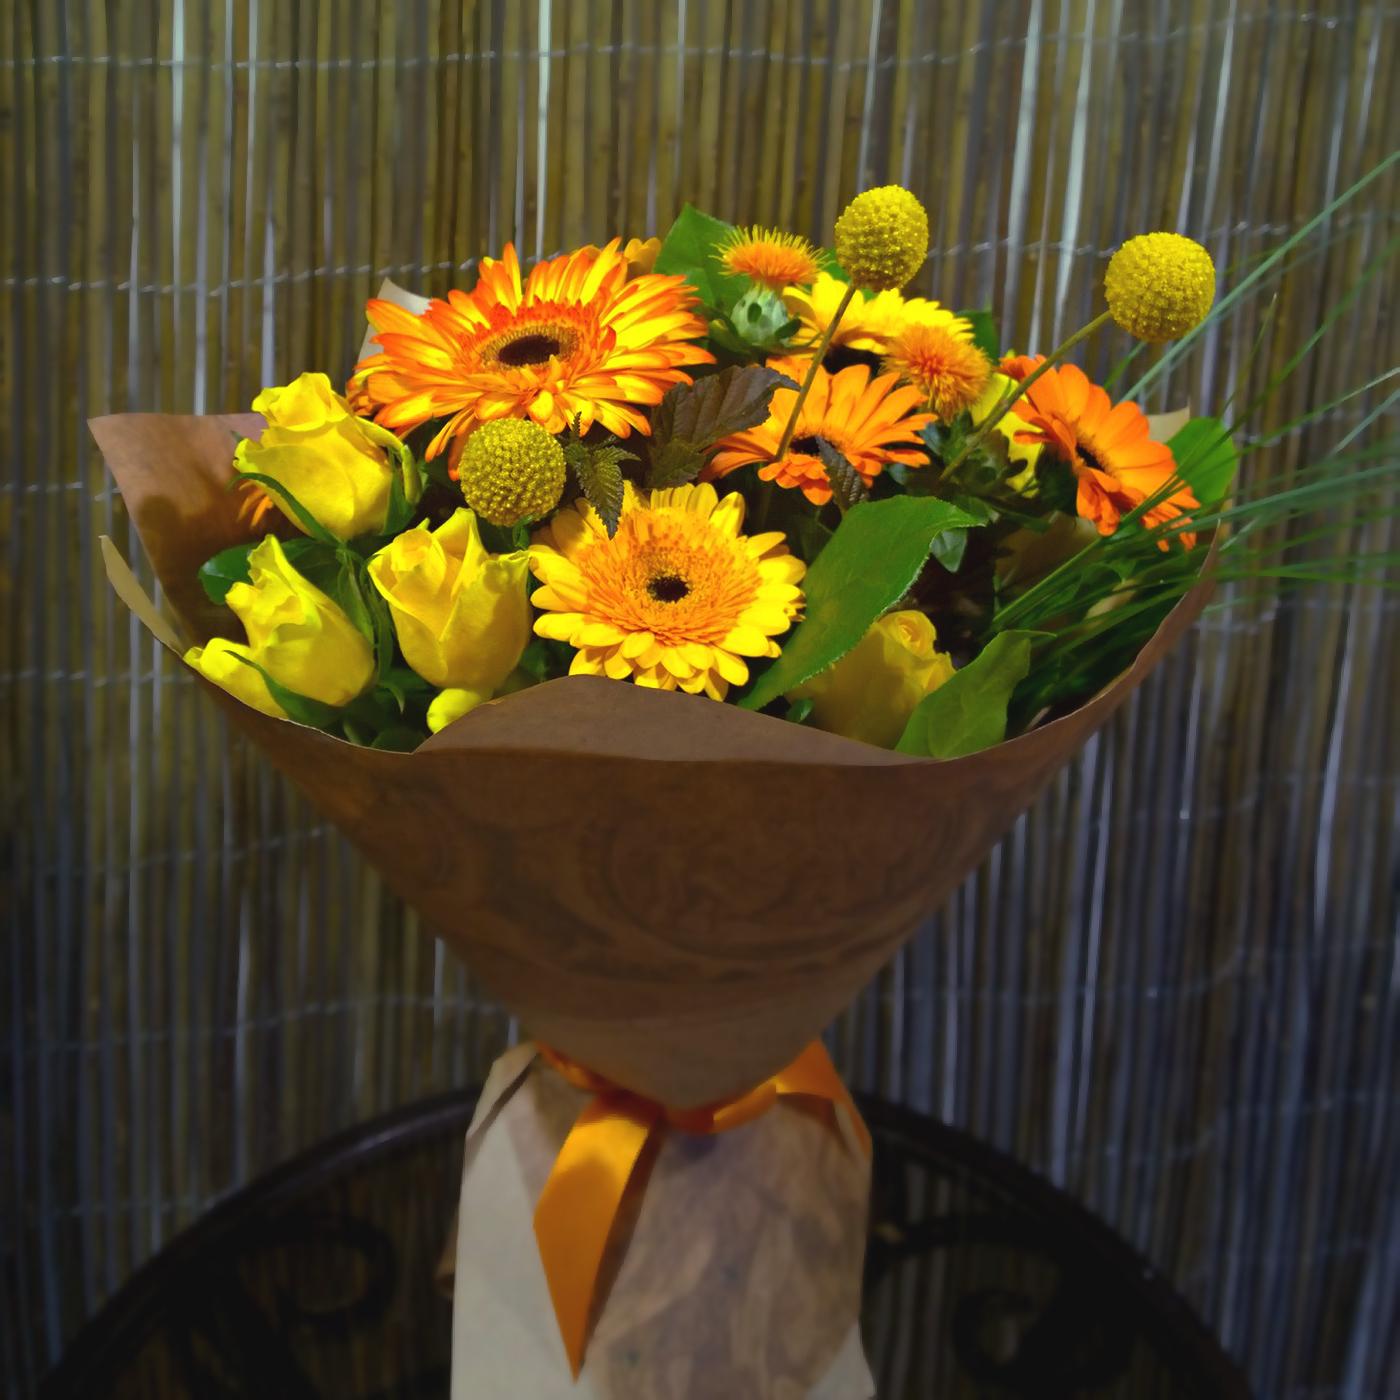 Купить букет в Перми с желтыми, оранжевыми герберами, гермини, розами